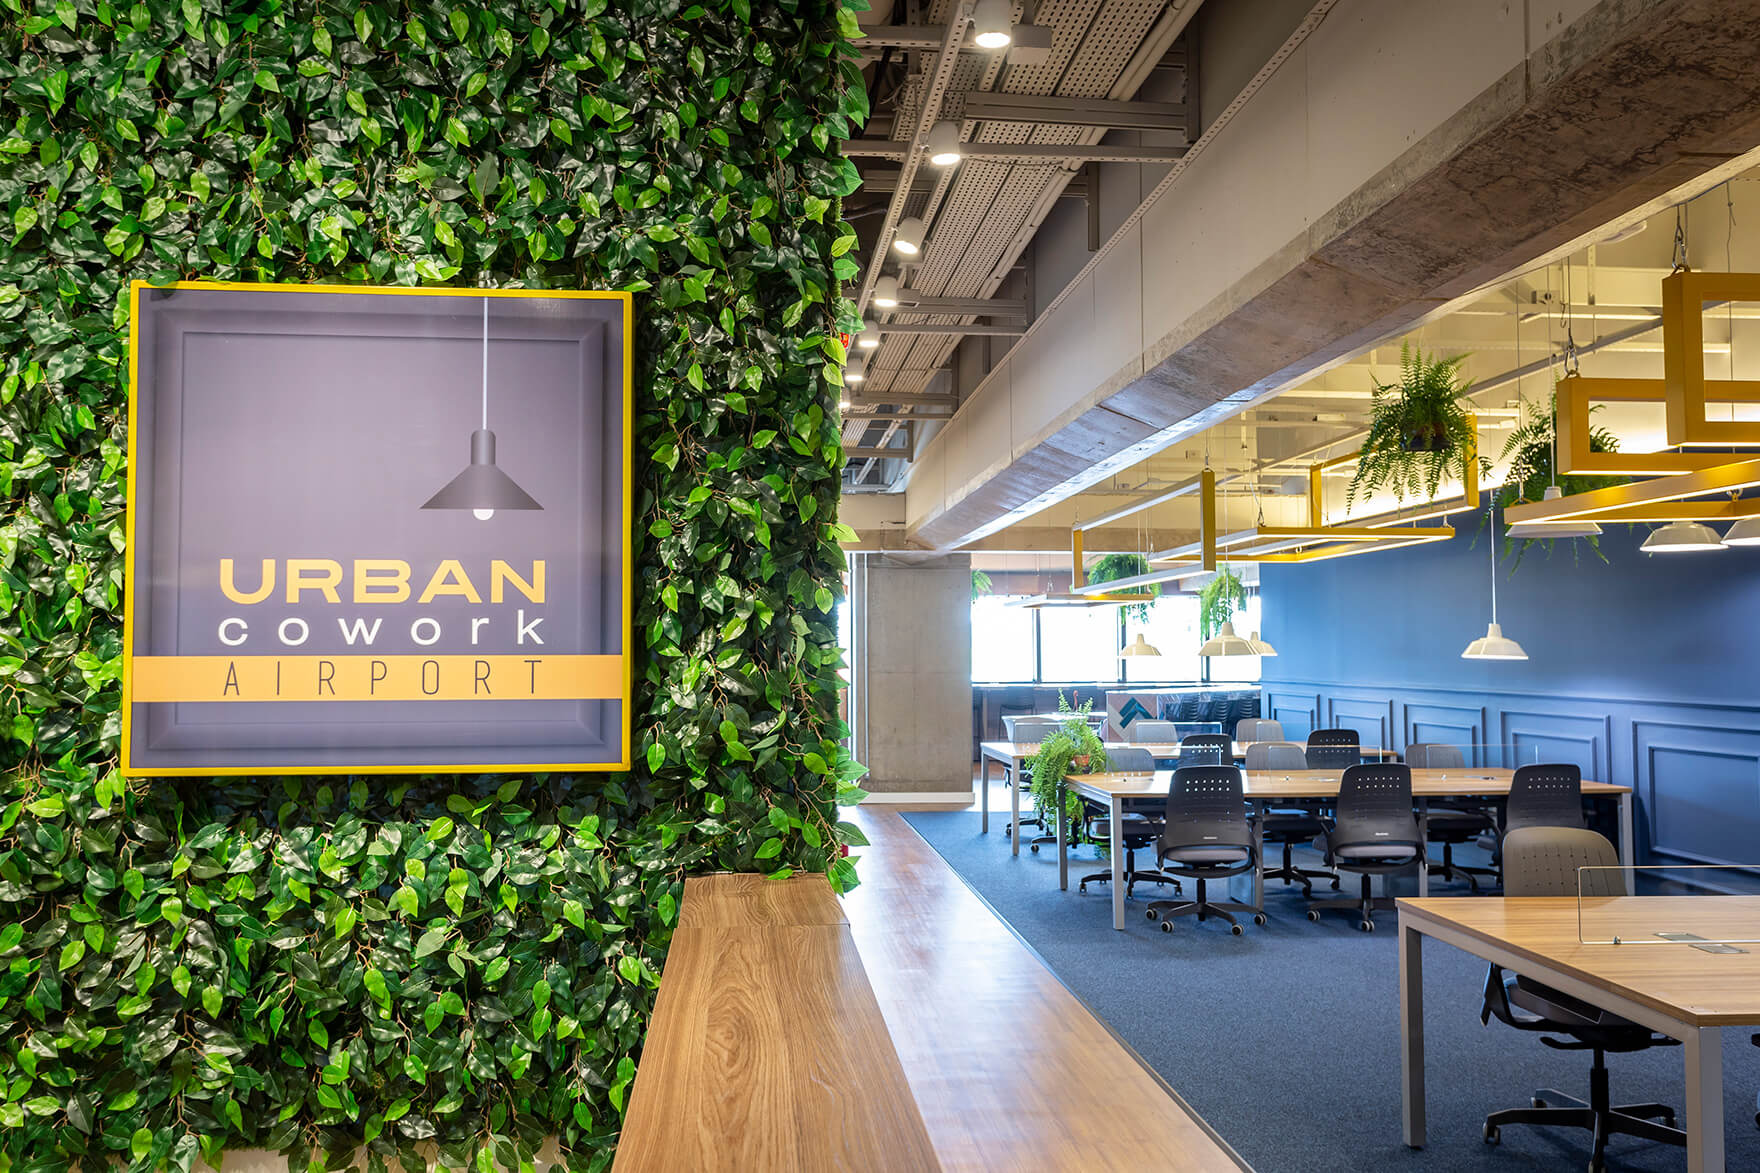 Primeiro coworking lounge da América do Sul é inaugurado no GRU Airport